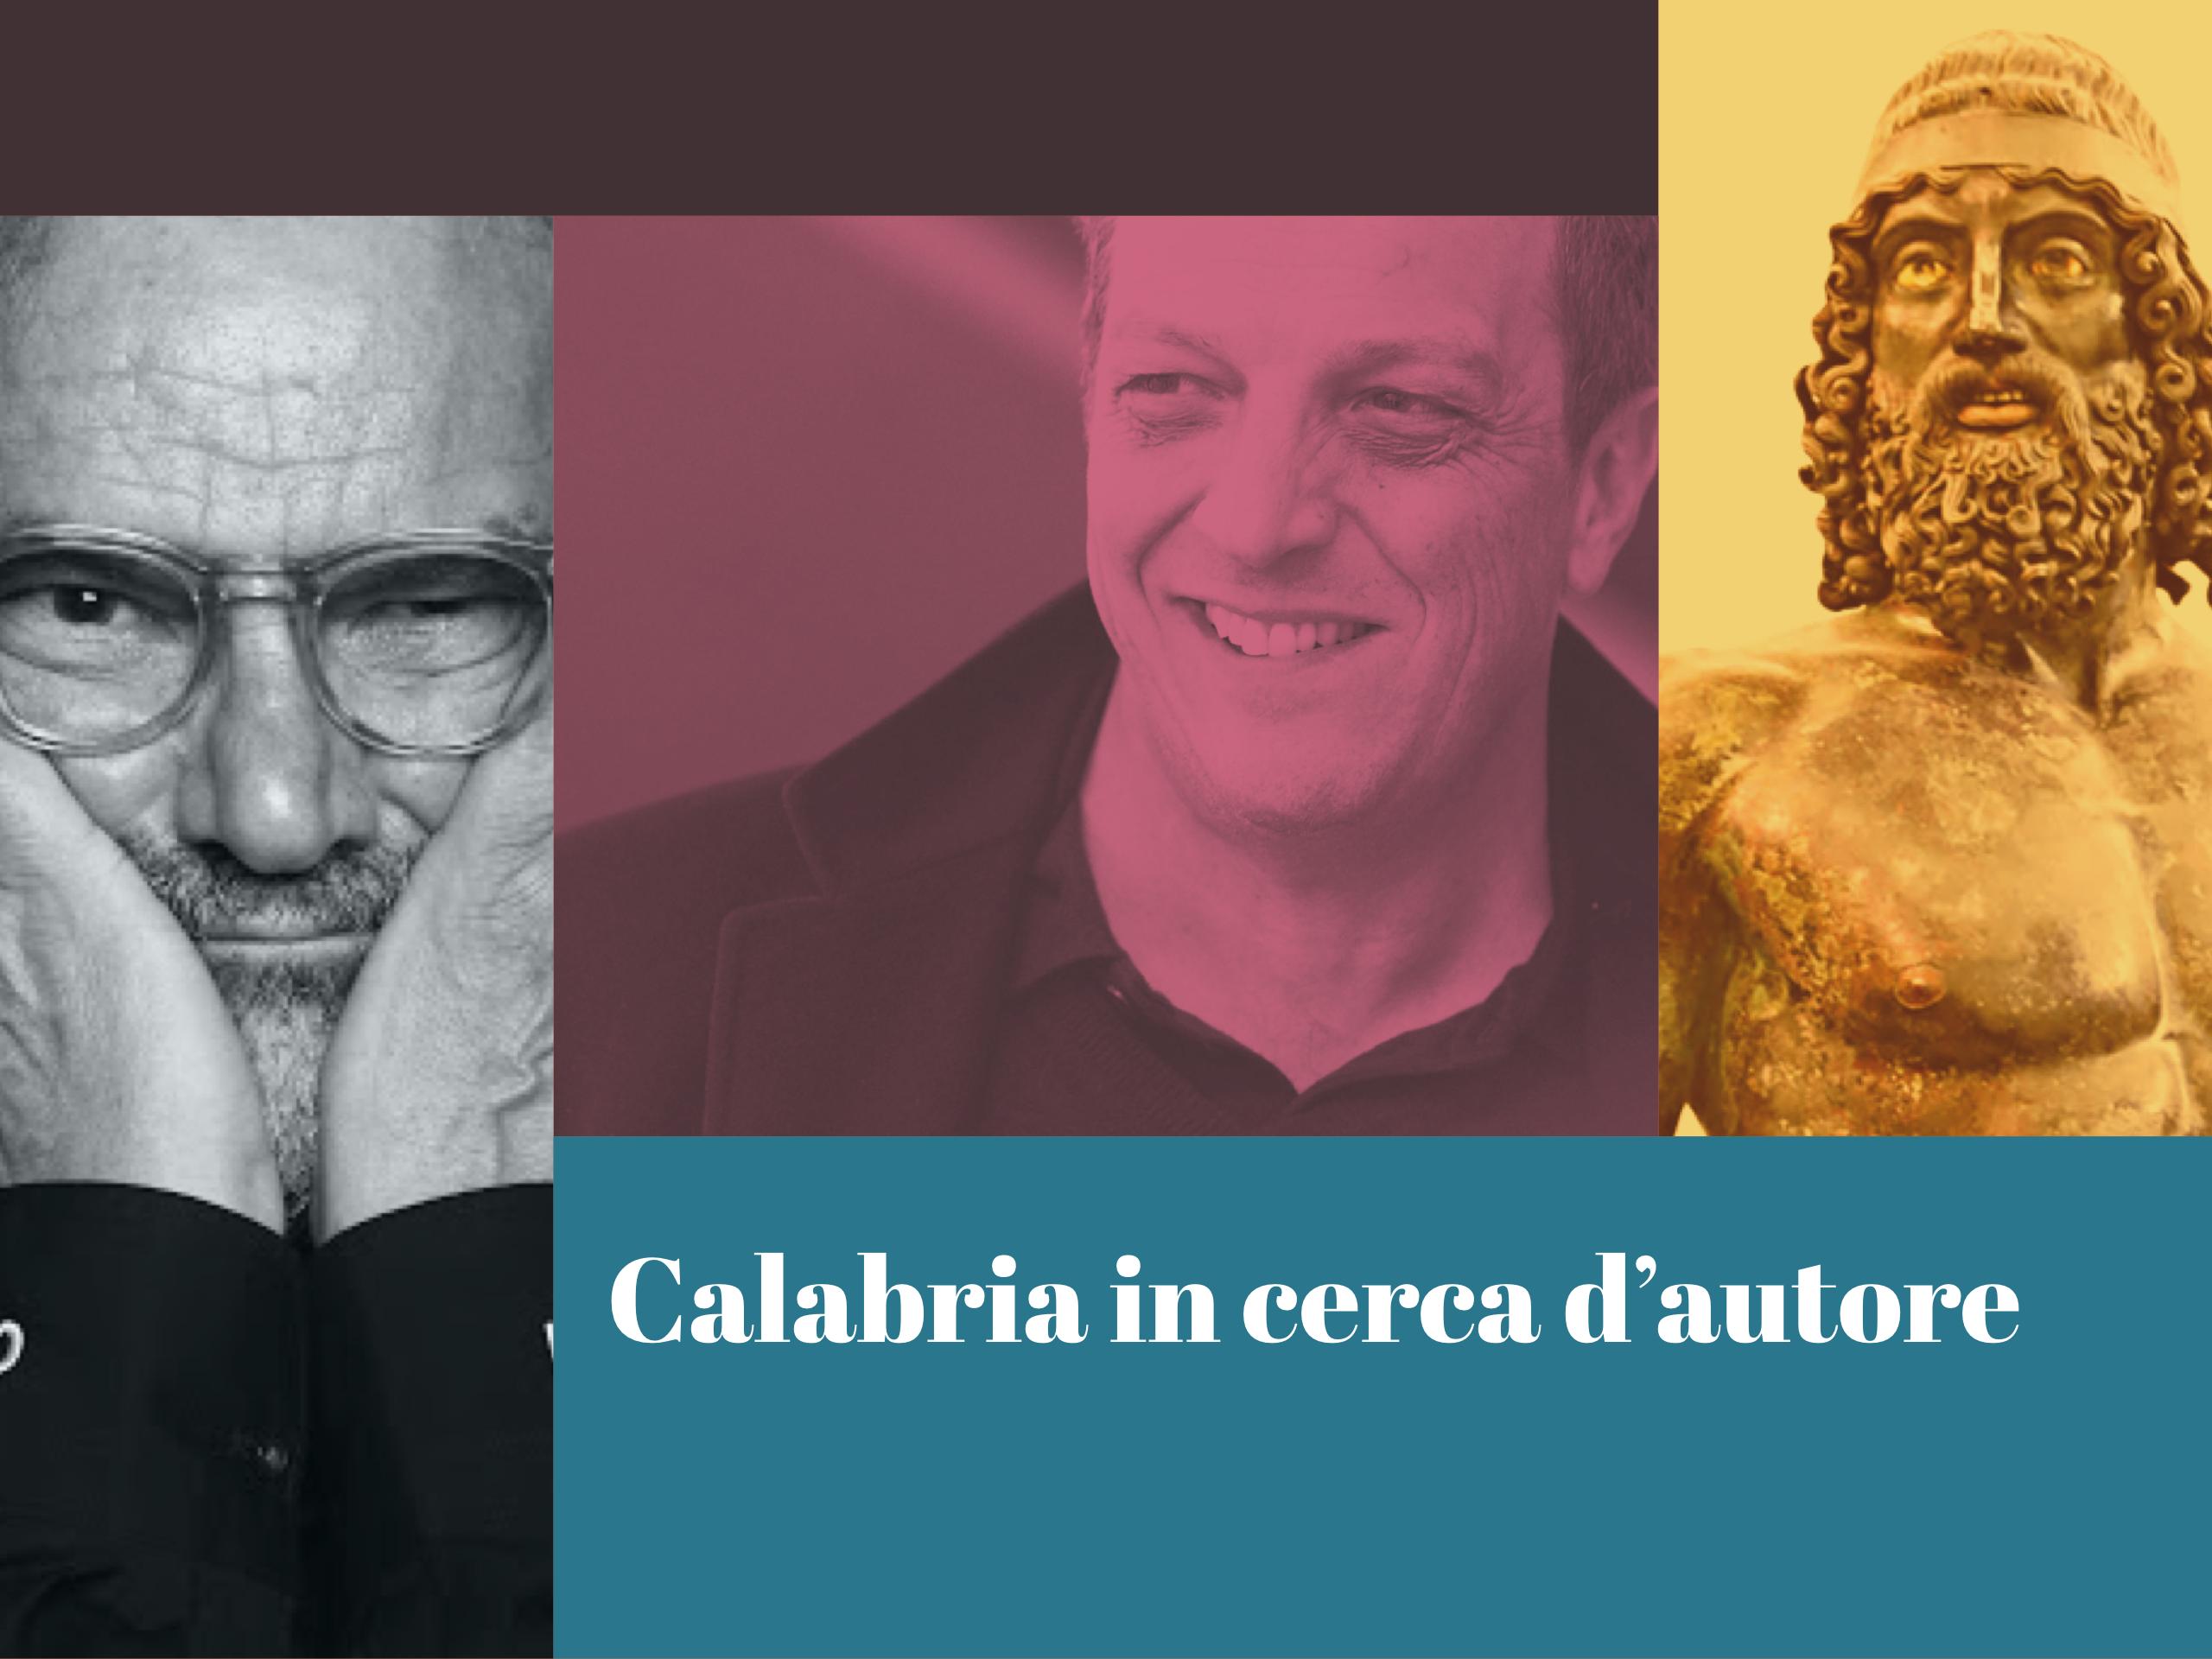 Calabria: da Toscani a Muccino